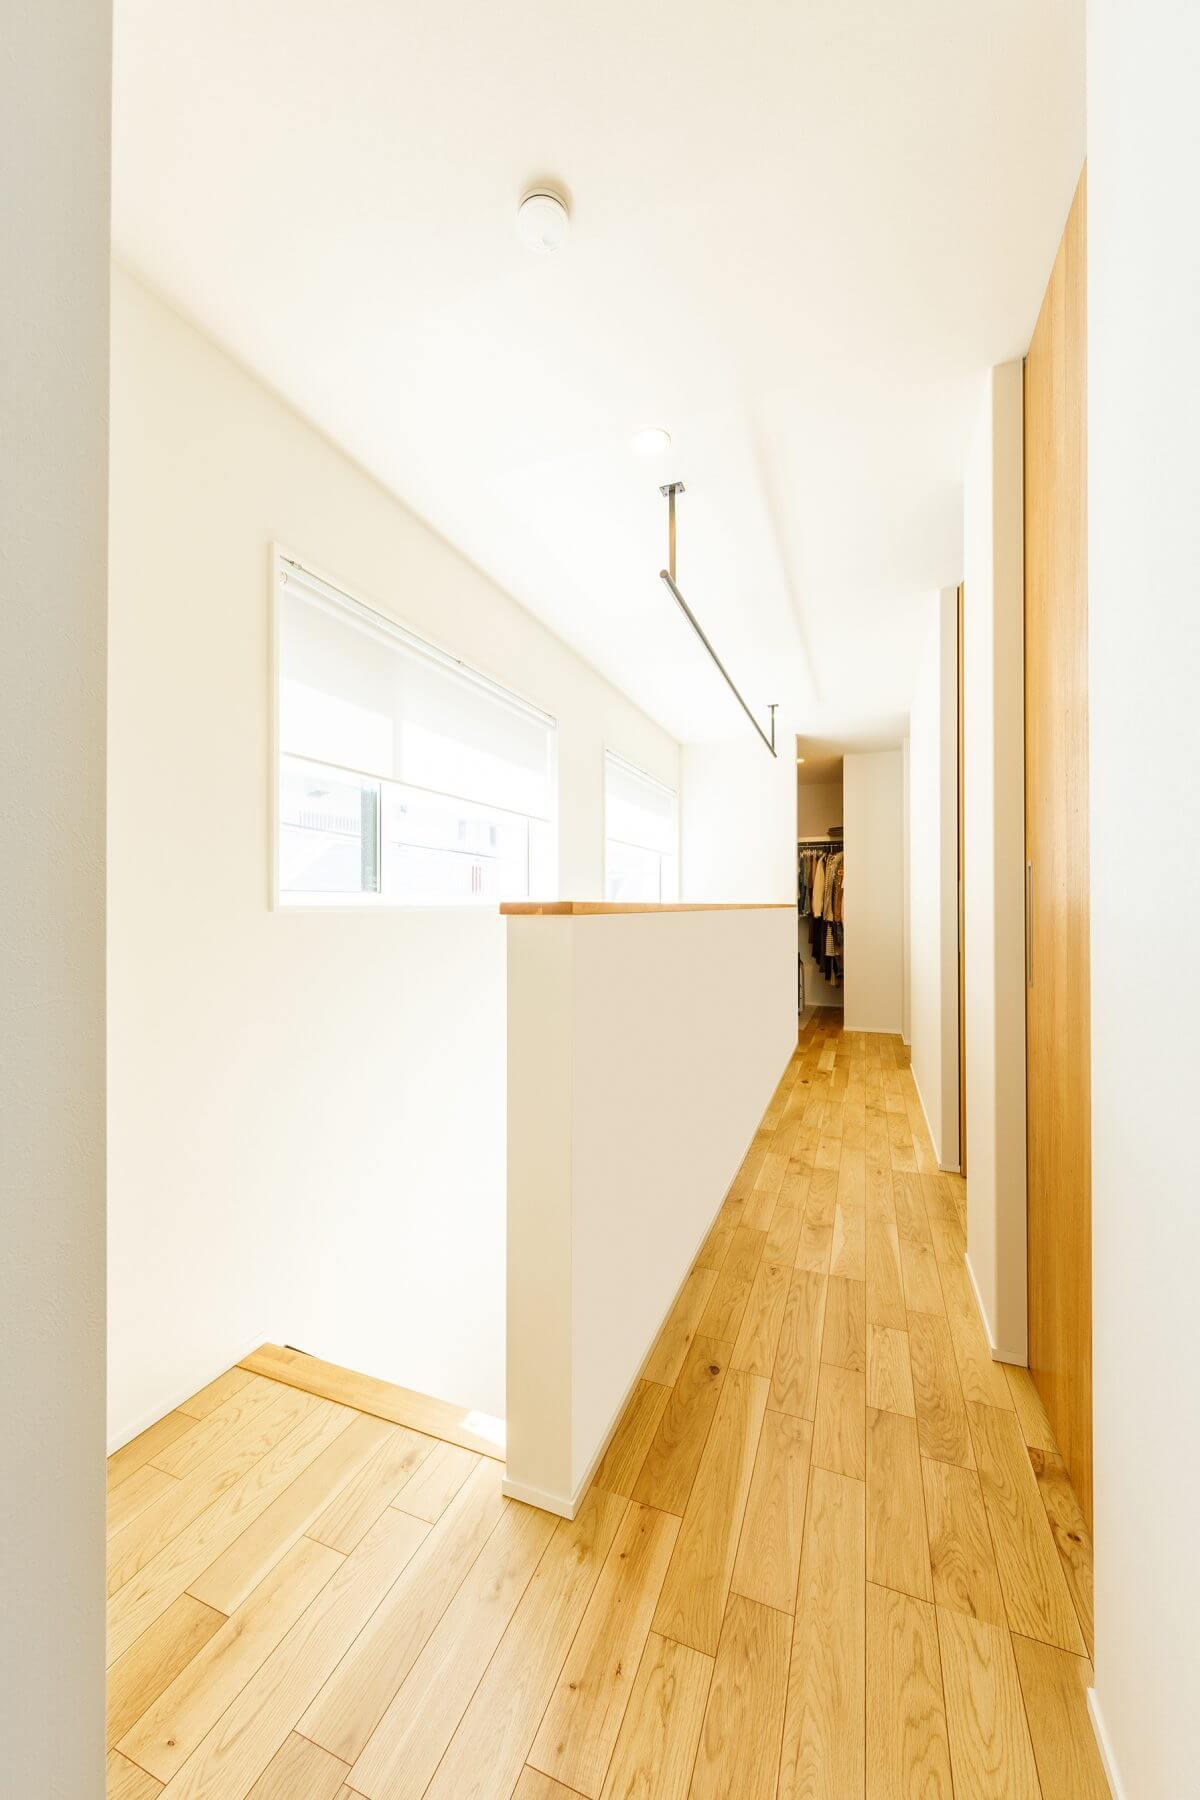 洗面室を背中に、2階の廊下を見た様子。あえてバルコニーを設けていないため、この廊下に部屋干し用のアイアン製のバーを設置しました。その奥にはWICも設けて、「洗濯→部屋干し→収納」というスムーズな家事動線を実現しました。